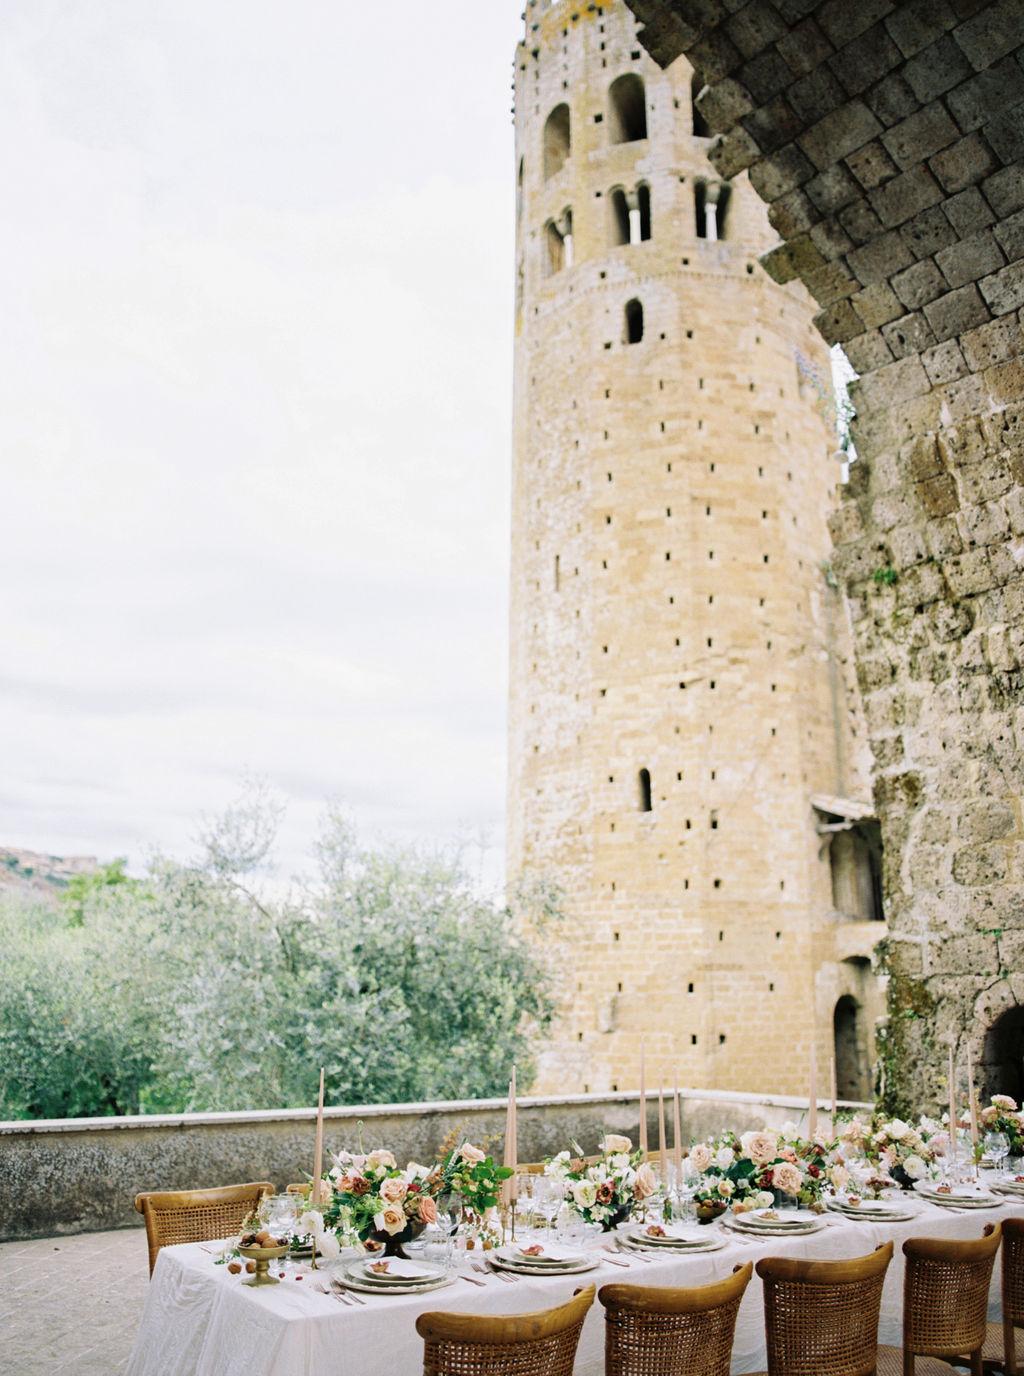 La-Badia-Di-Orvieto-Krmorenophoto.jpg-158.jpg